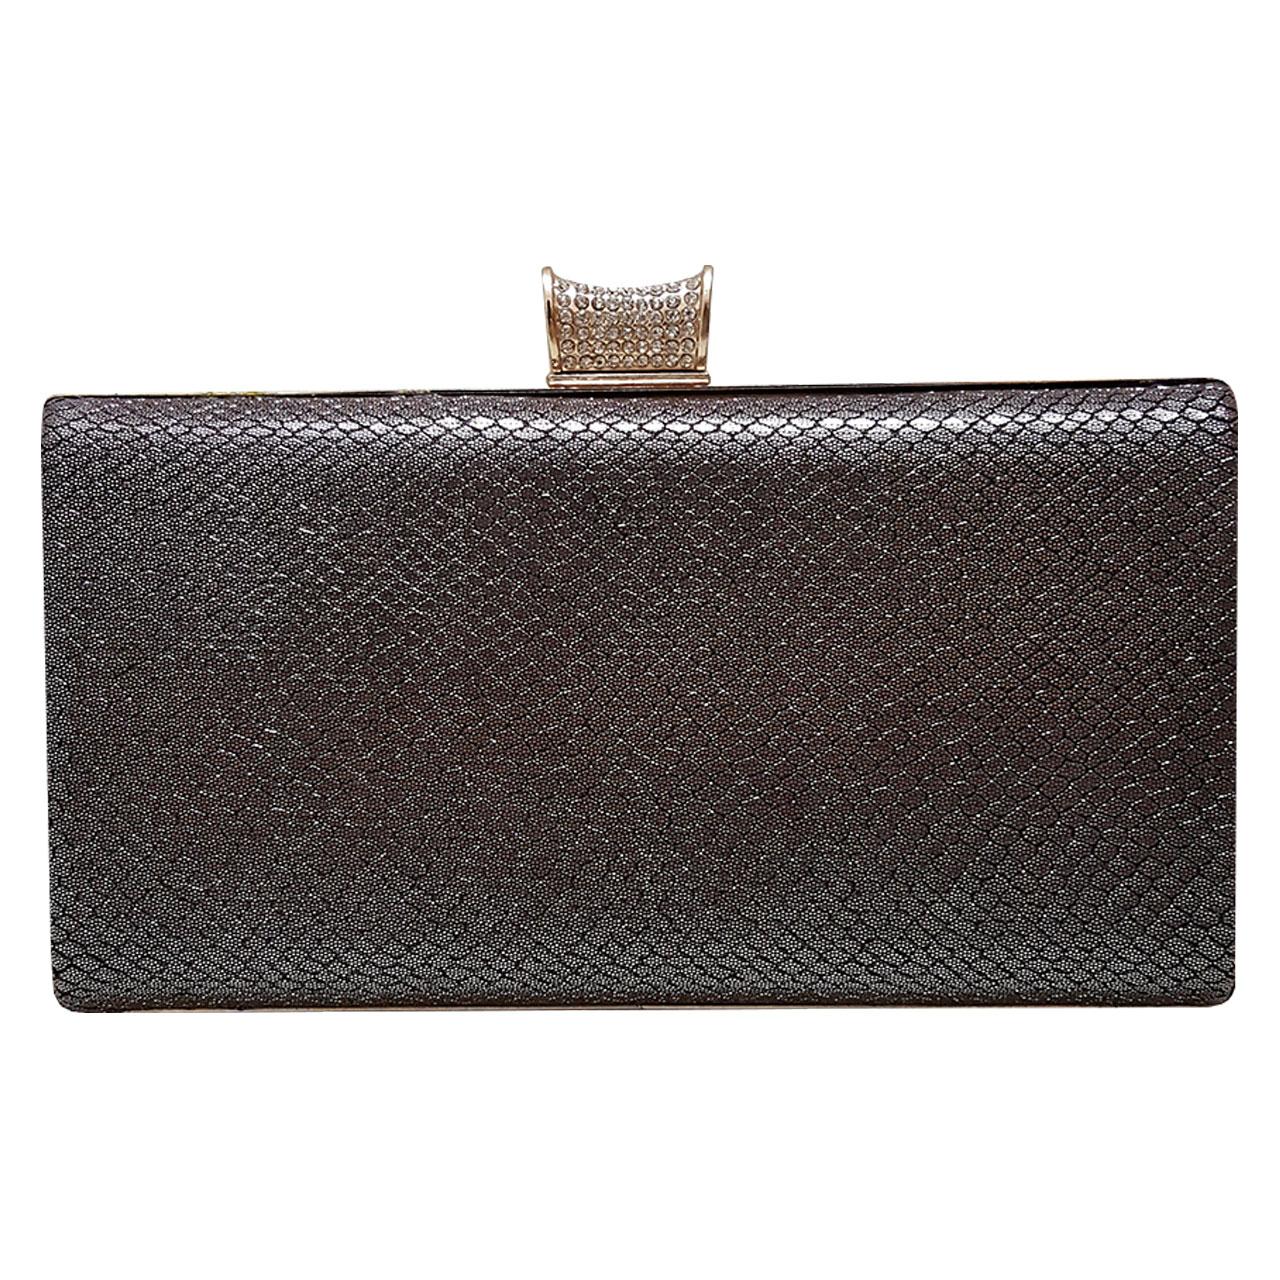 کیف دستی زنانه کد sh-112